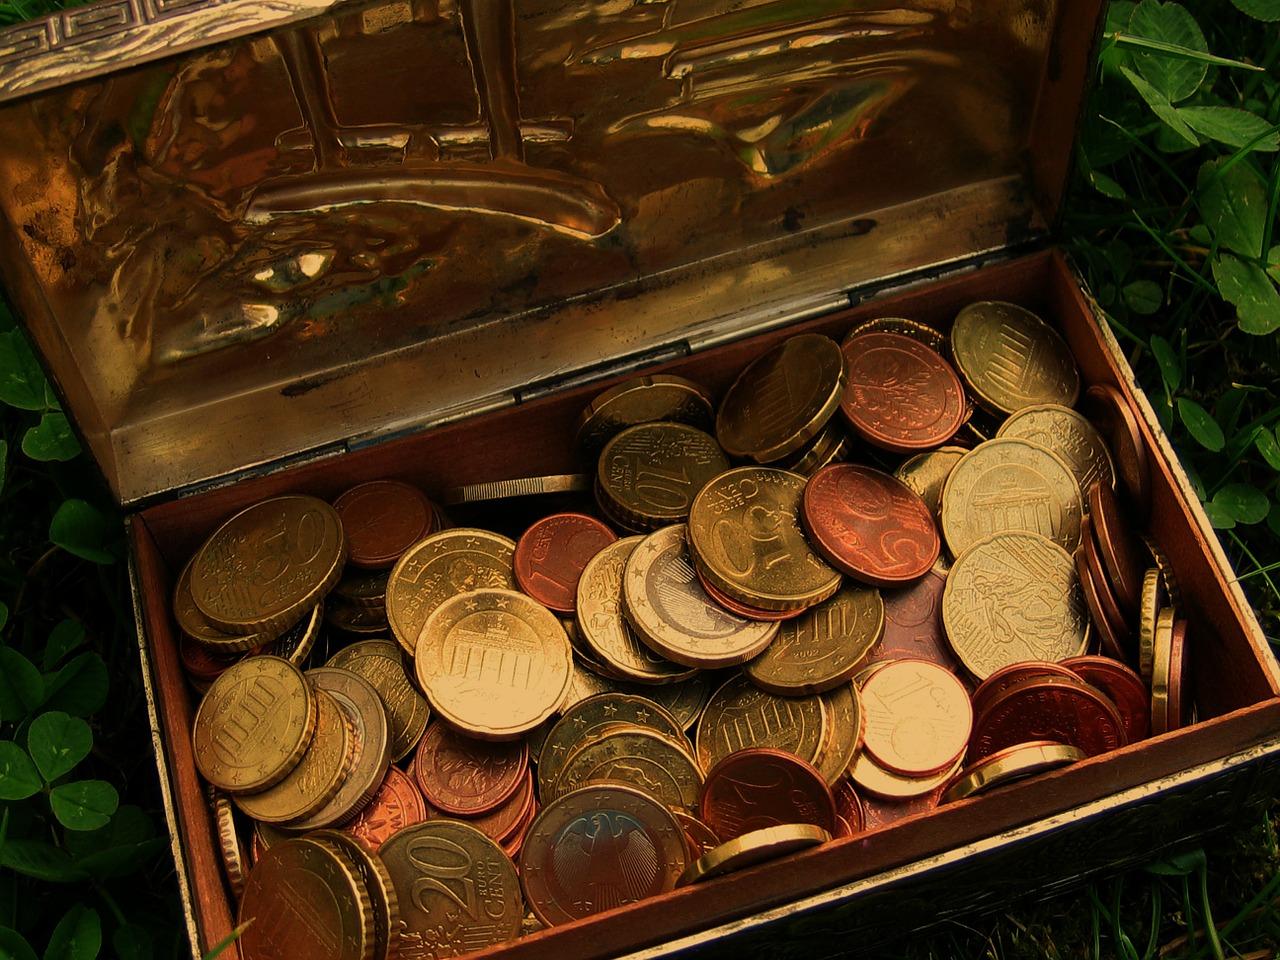 34 ahorrar monedas 2